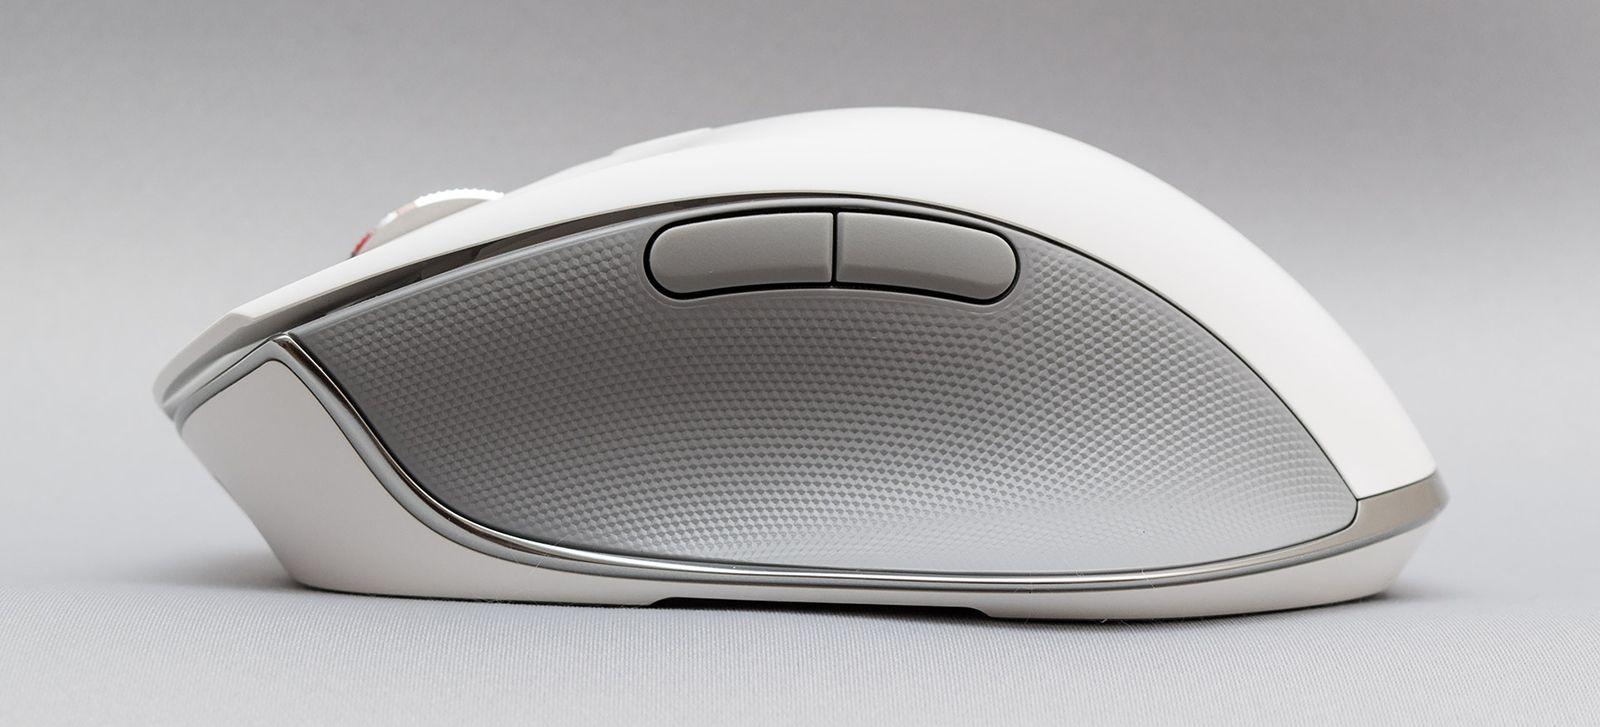 Мышка Razer Pro Click. Фото 28